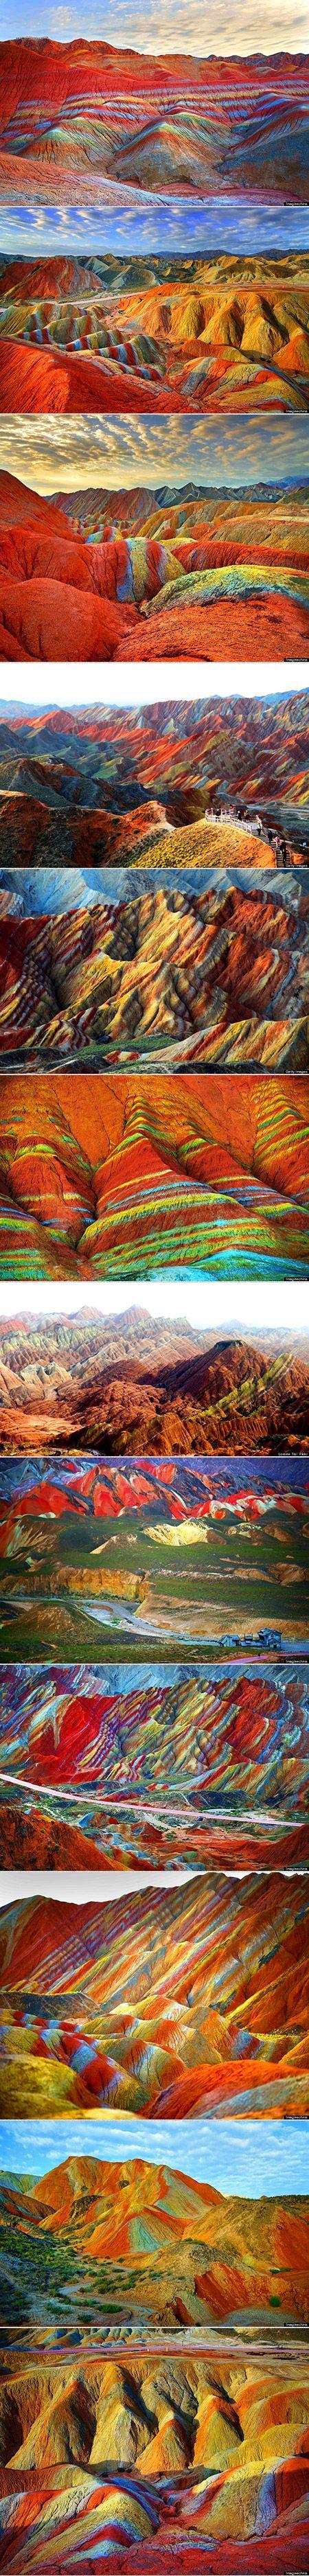 Amazing! #naturalwonder #landscape